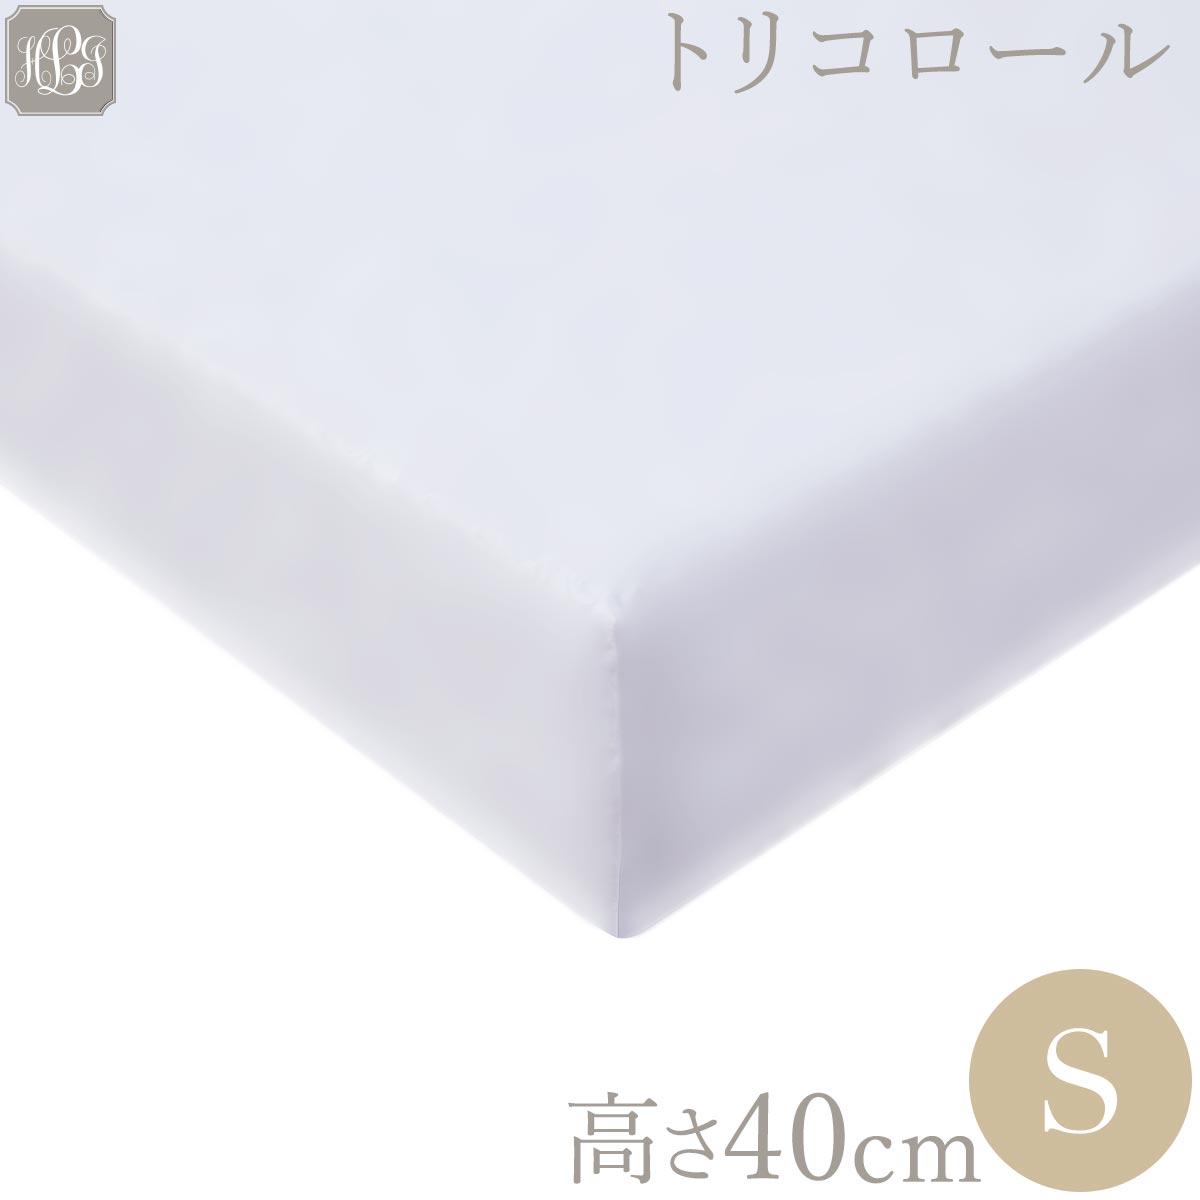 【刺繍不可】ボックシーツ | シングル | 100x200cm | 400TC トリコロール 送料無料